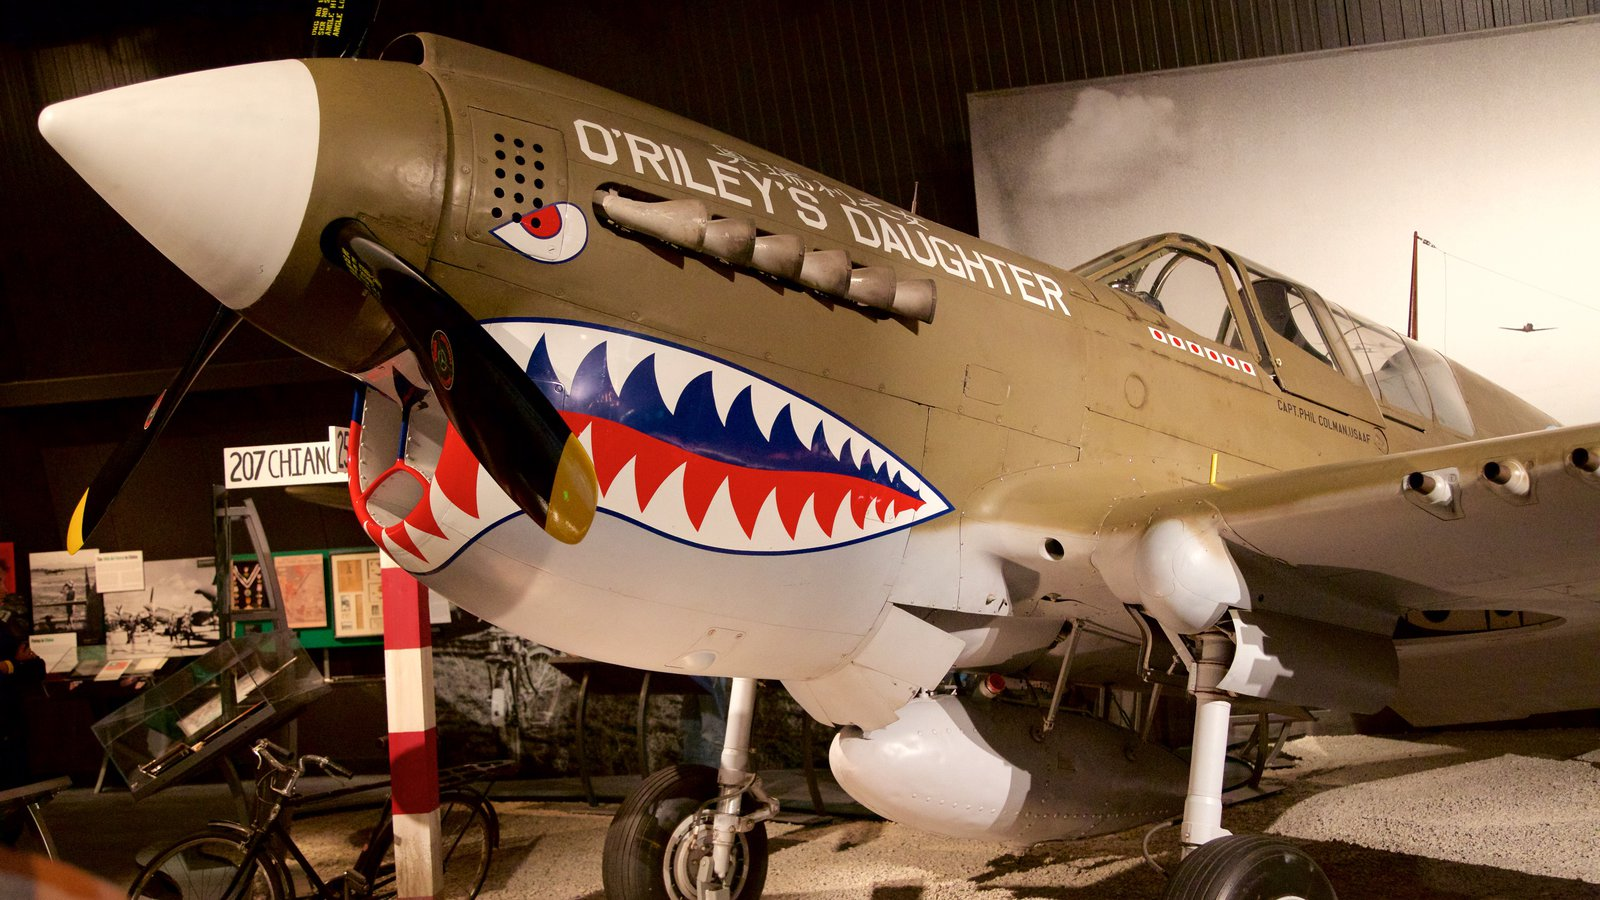 Museu do Ar que inclui aeronave e vistas internas